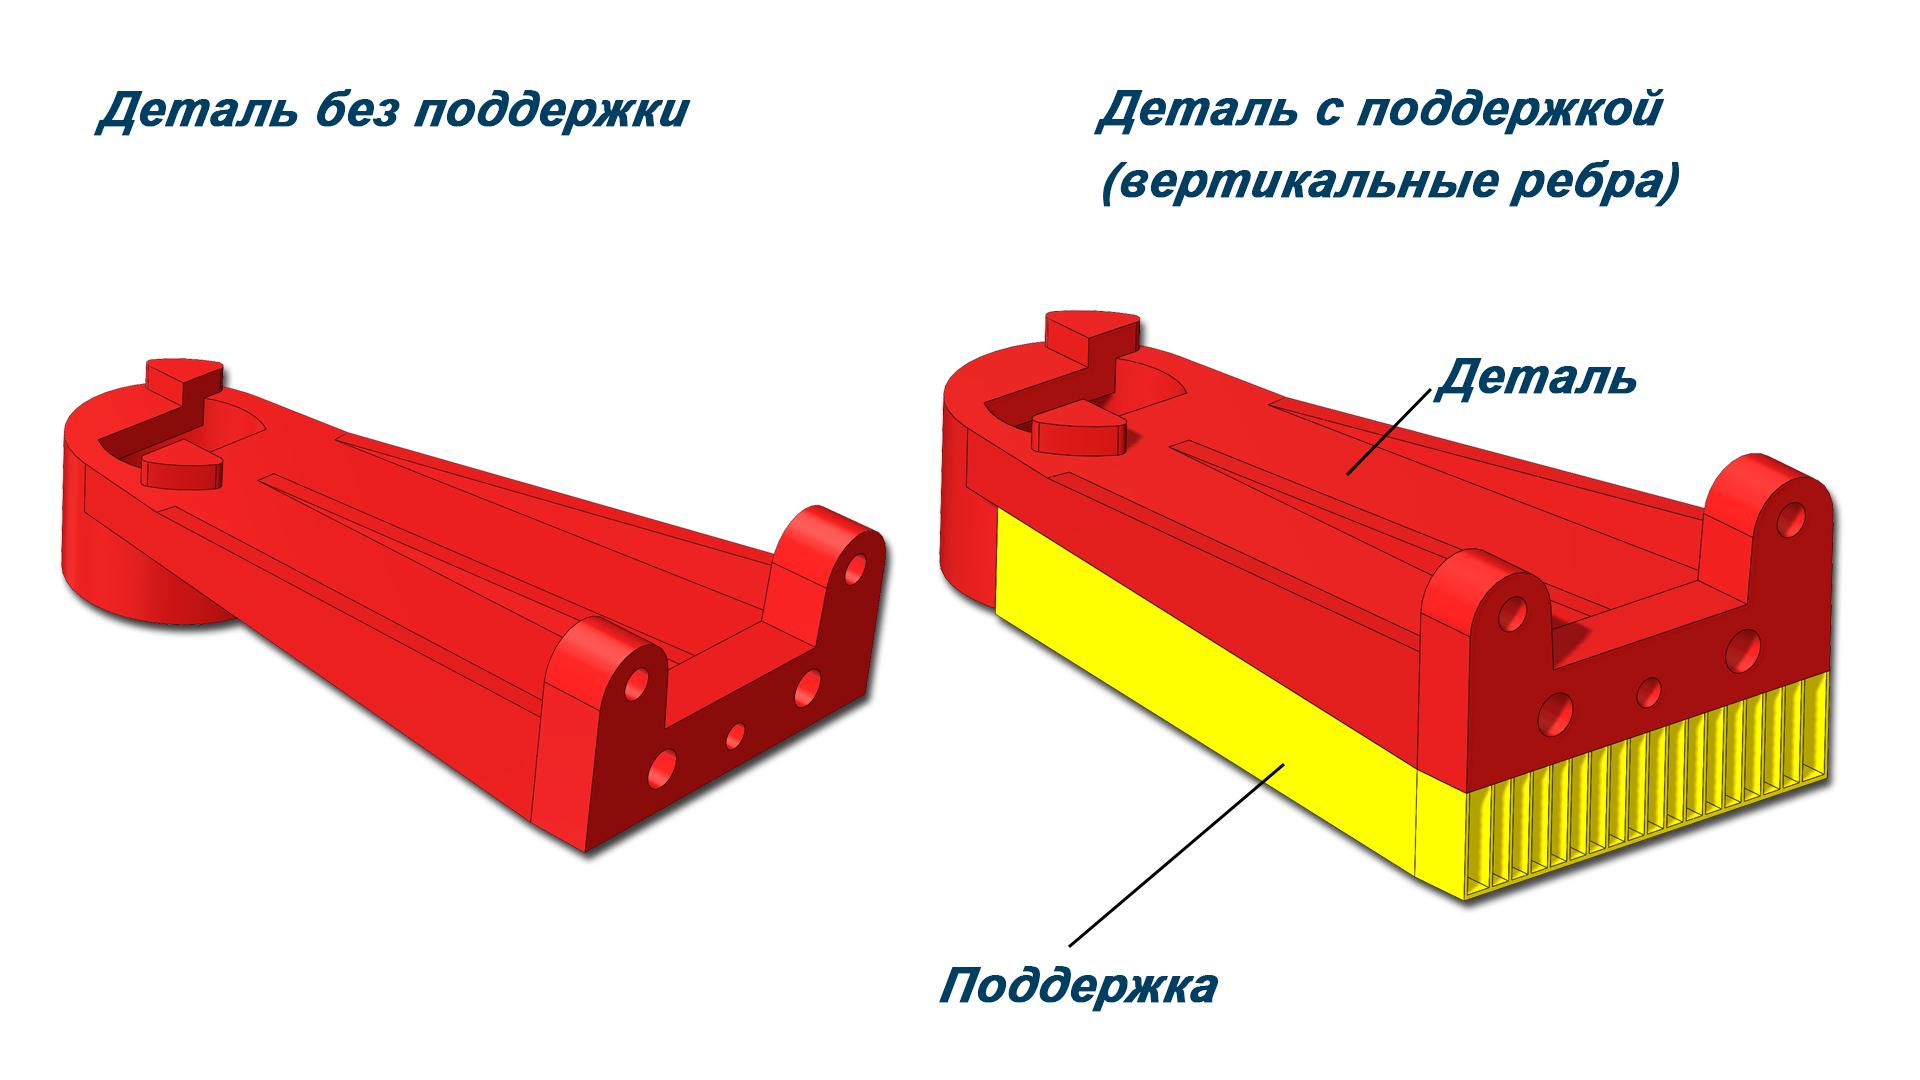 Модель и модель с поддержкой